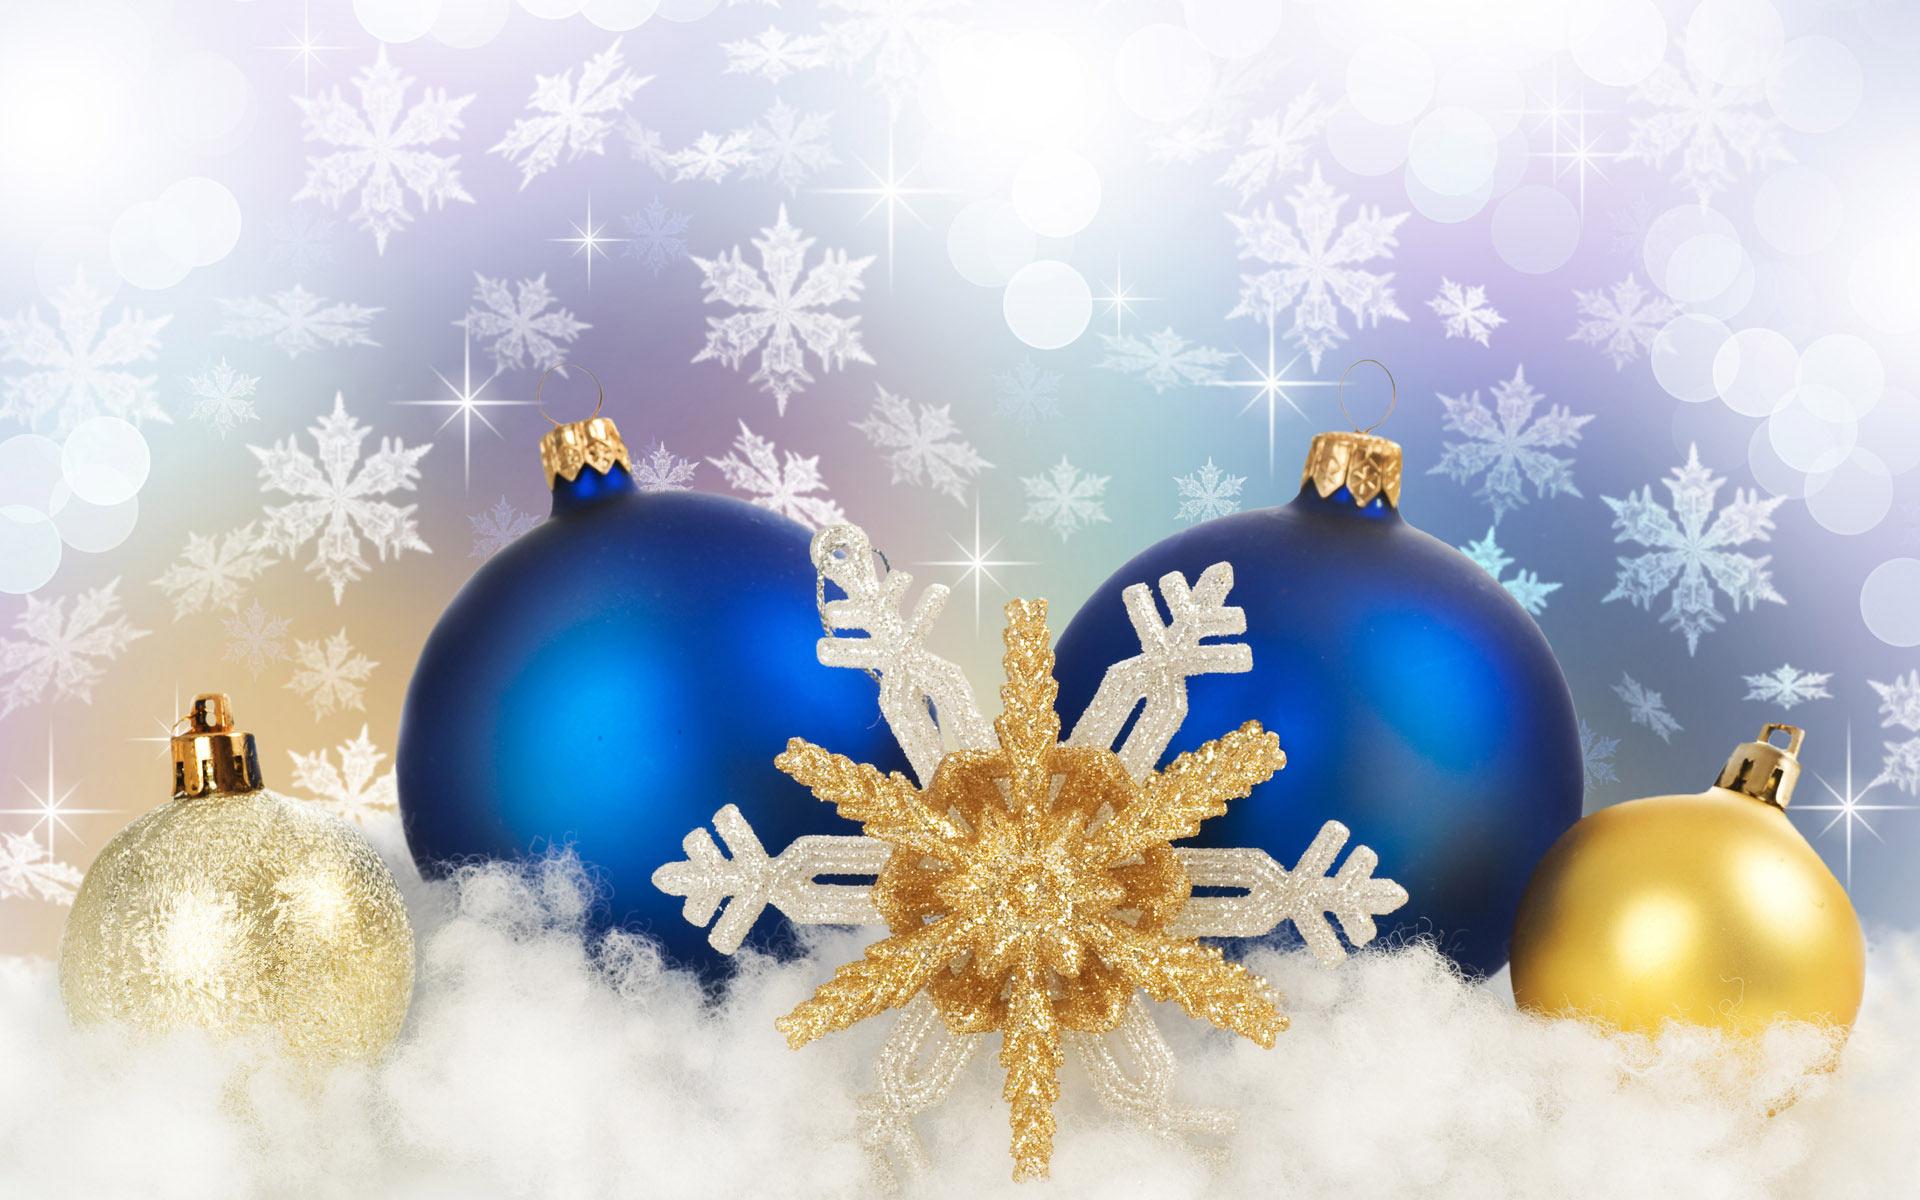 Immagini Di Natale Desktop.Sfondi Natale Sfondo Palline Di Natale Per Il Desktop